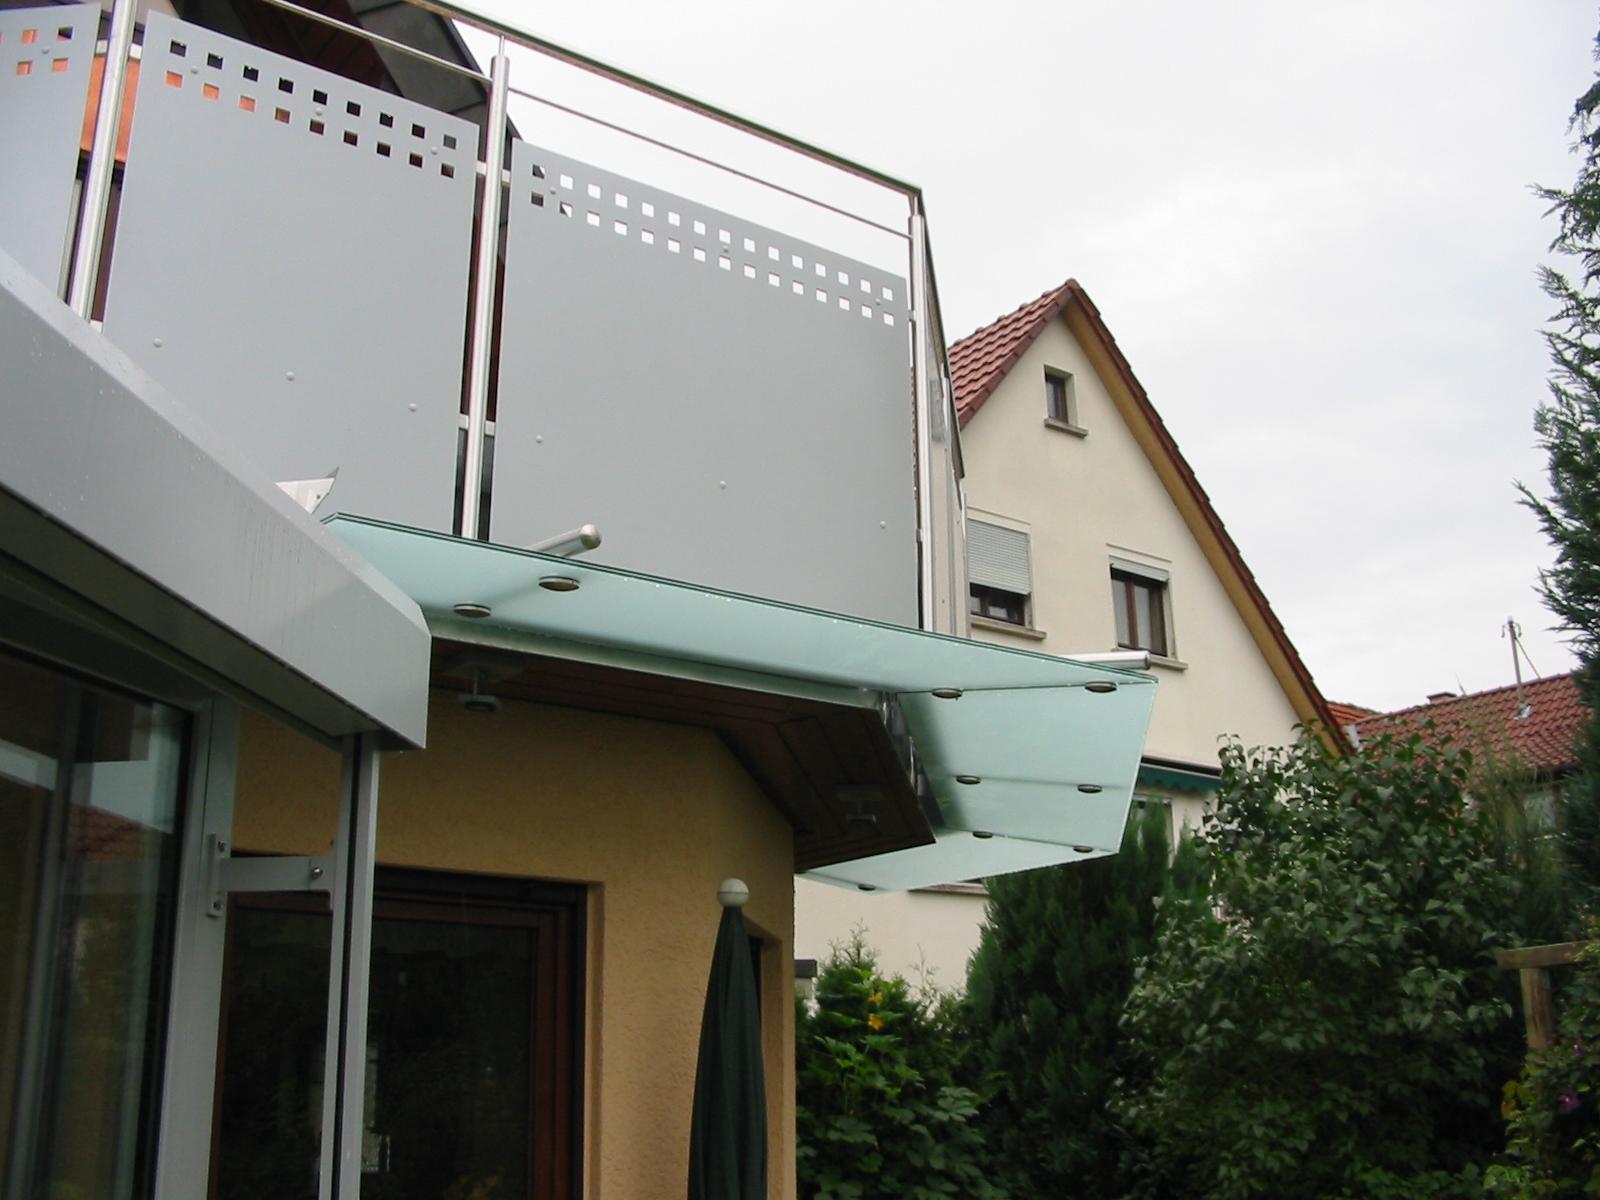 Wochinger Metallbau